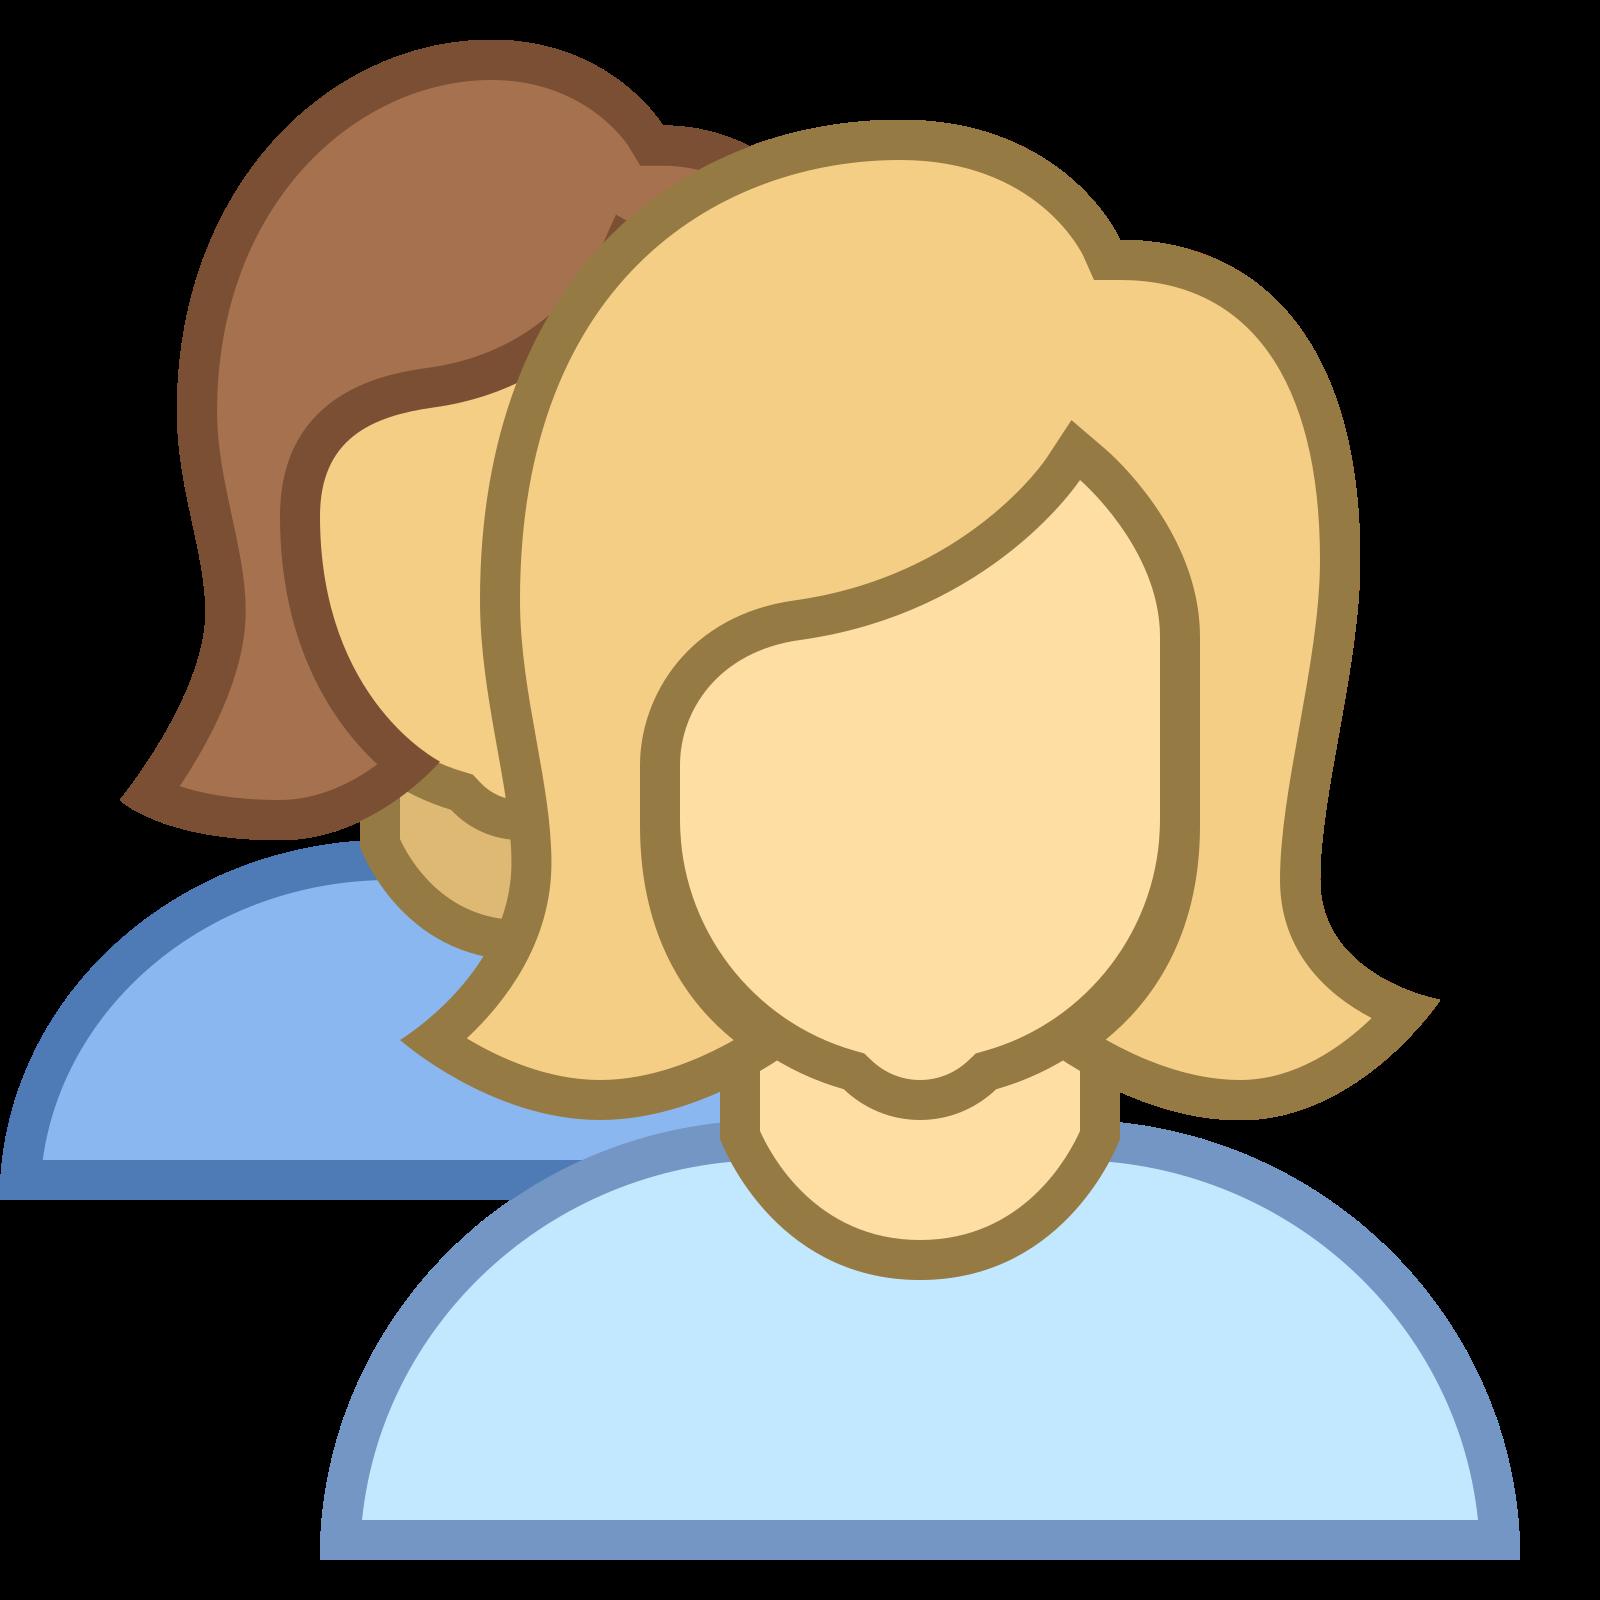 ユーザー グループの女 icon